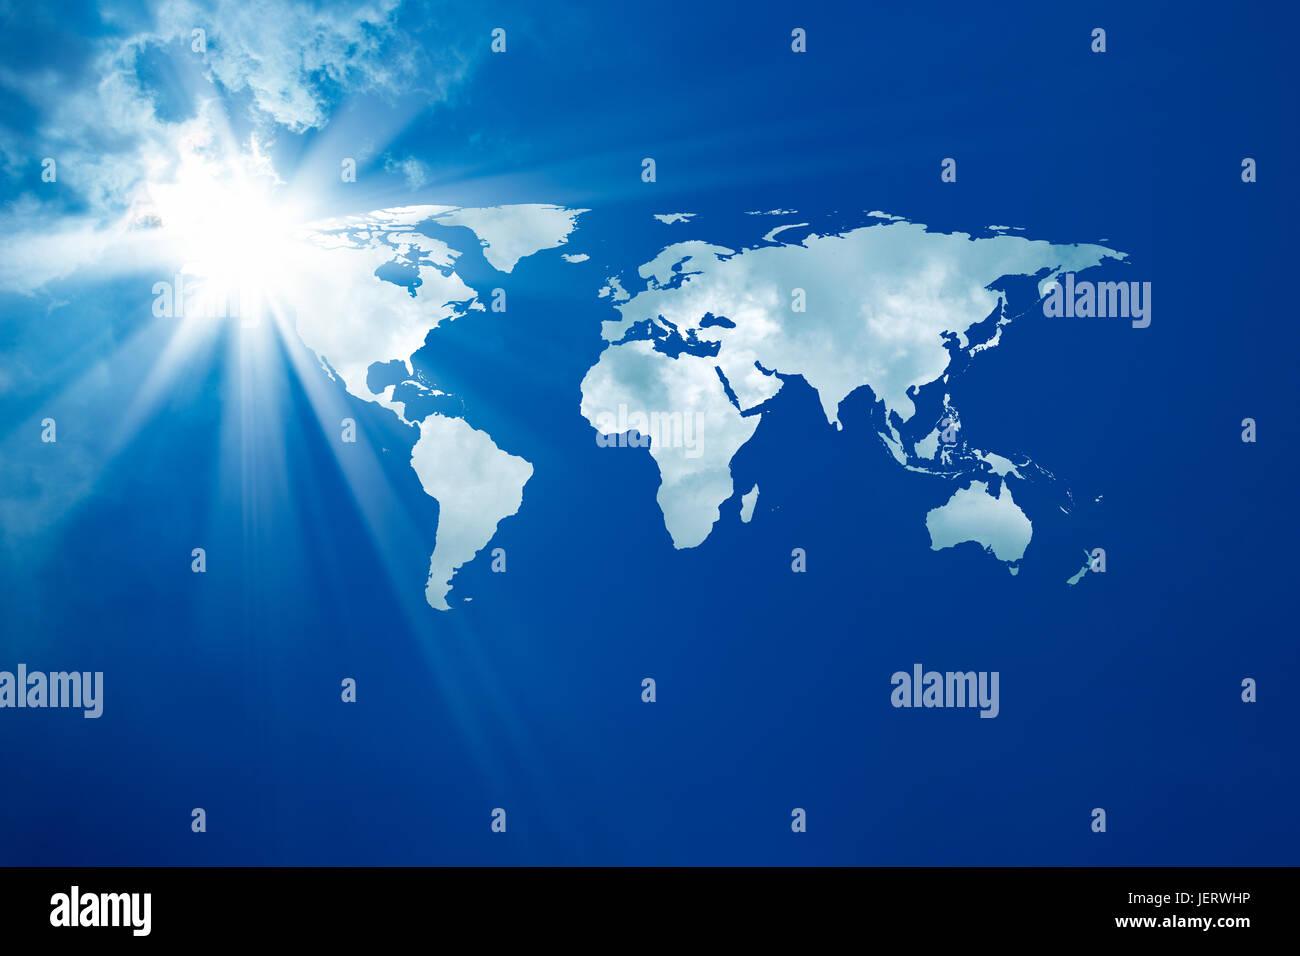 Contexte conceptuel de l'image Carte du monde. Meublées NASA world image utilisée pour cette image. Photo Stock